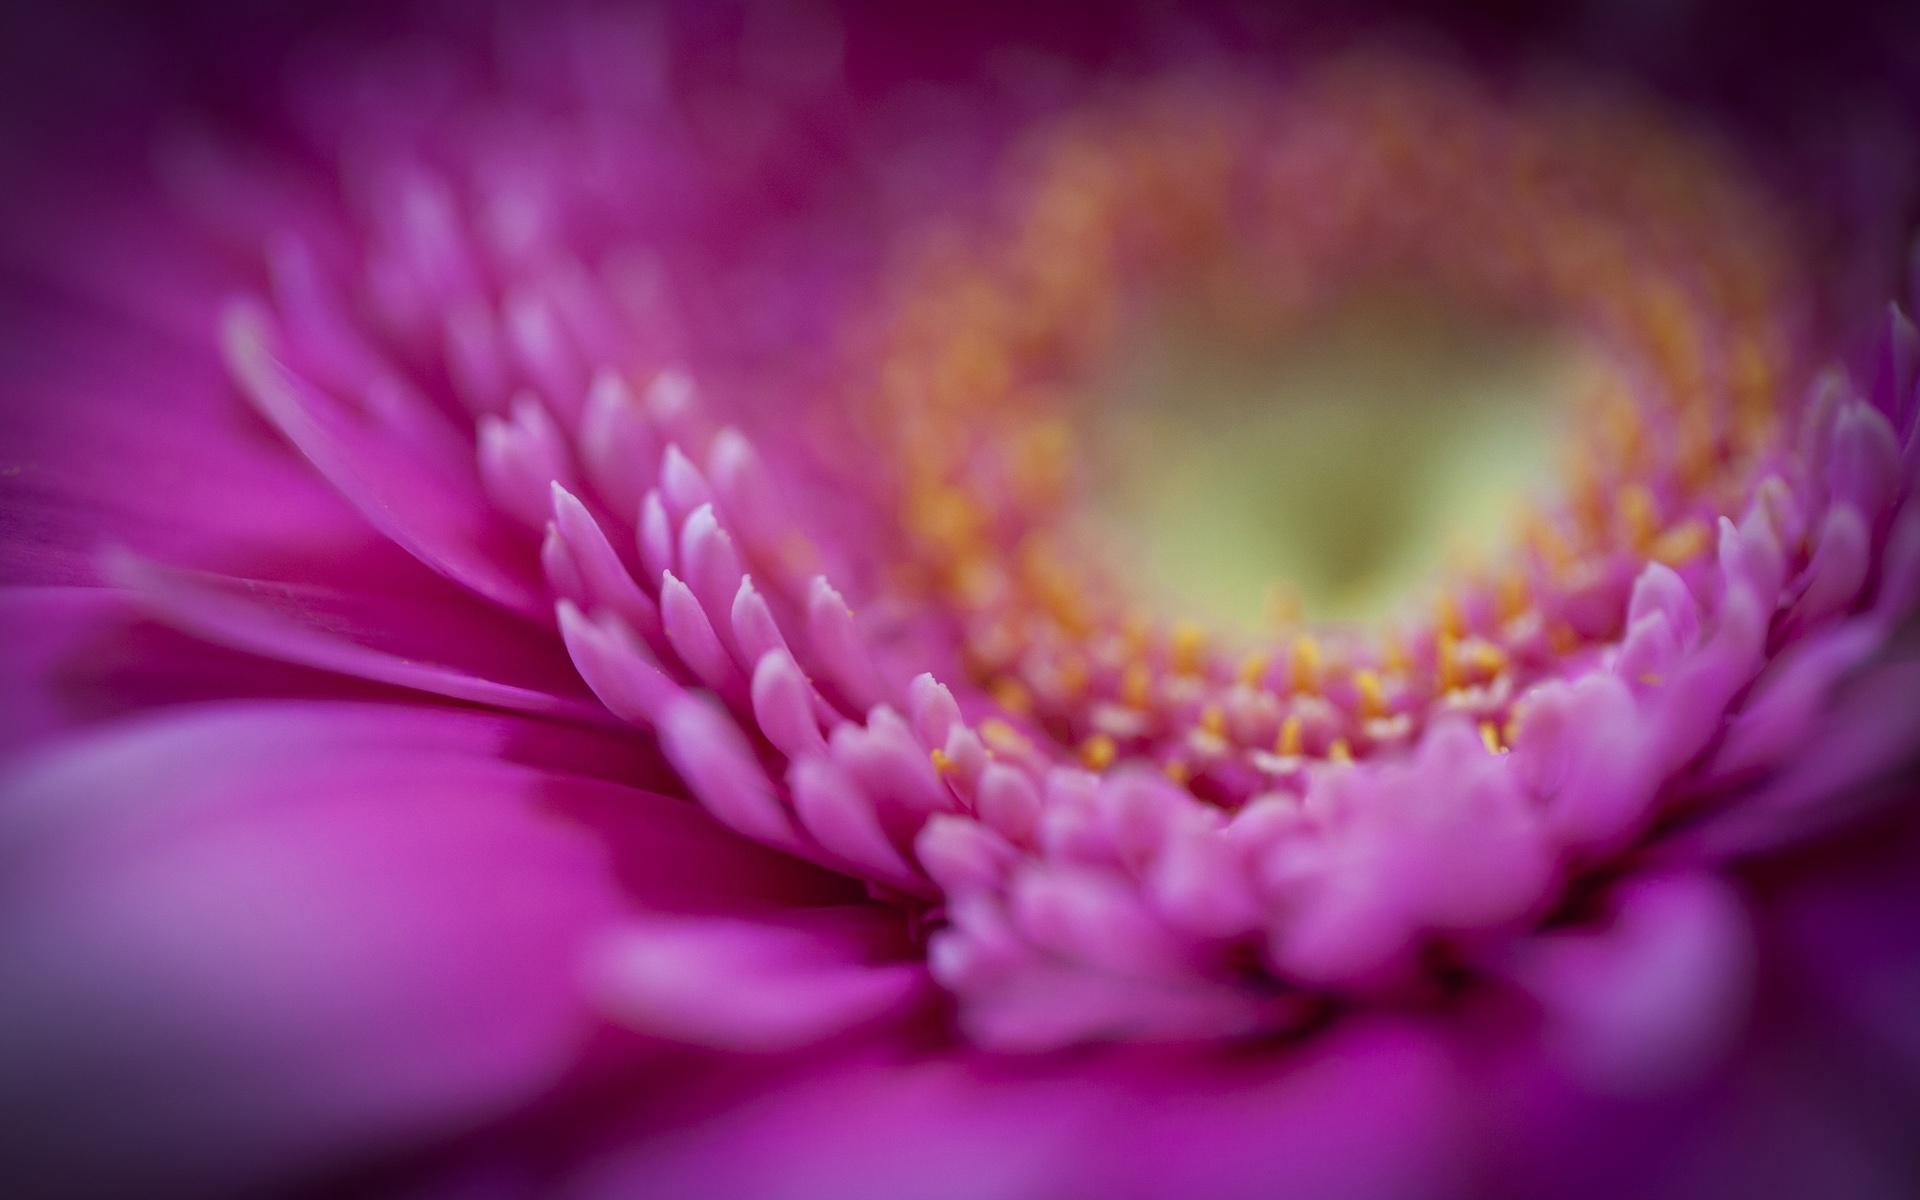 цветы макро розовые  № 1347093 загрузить